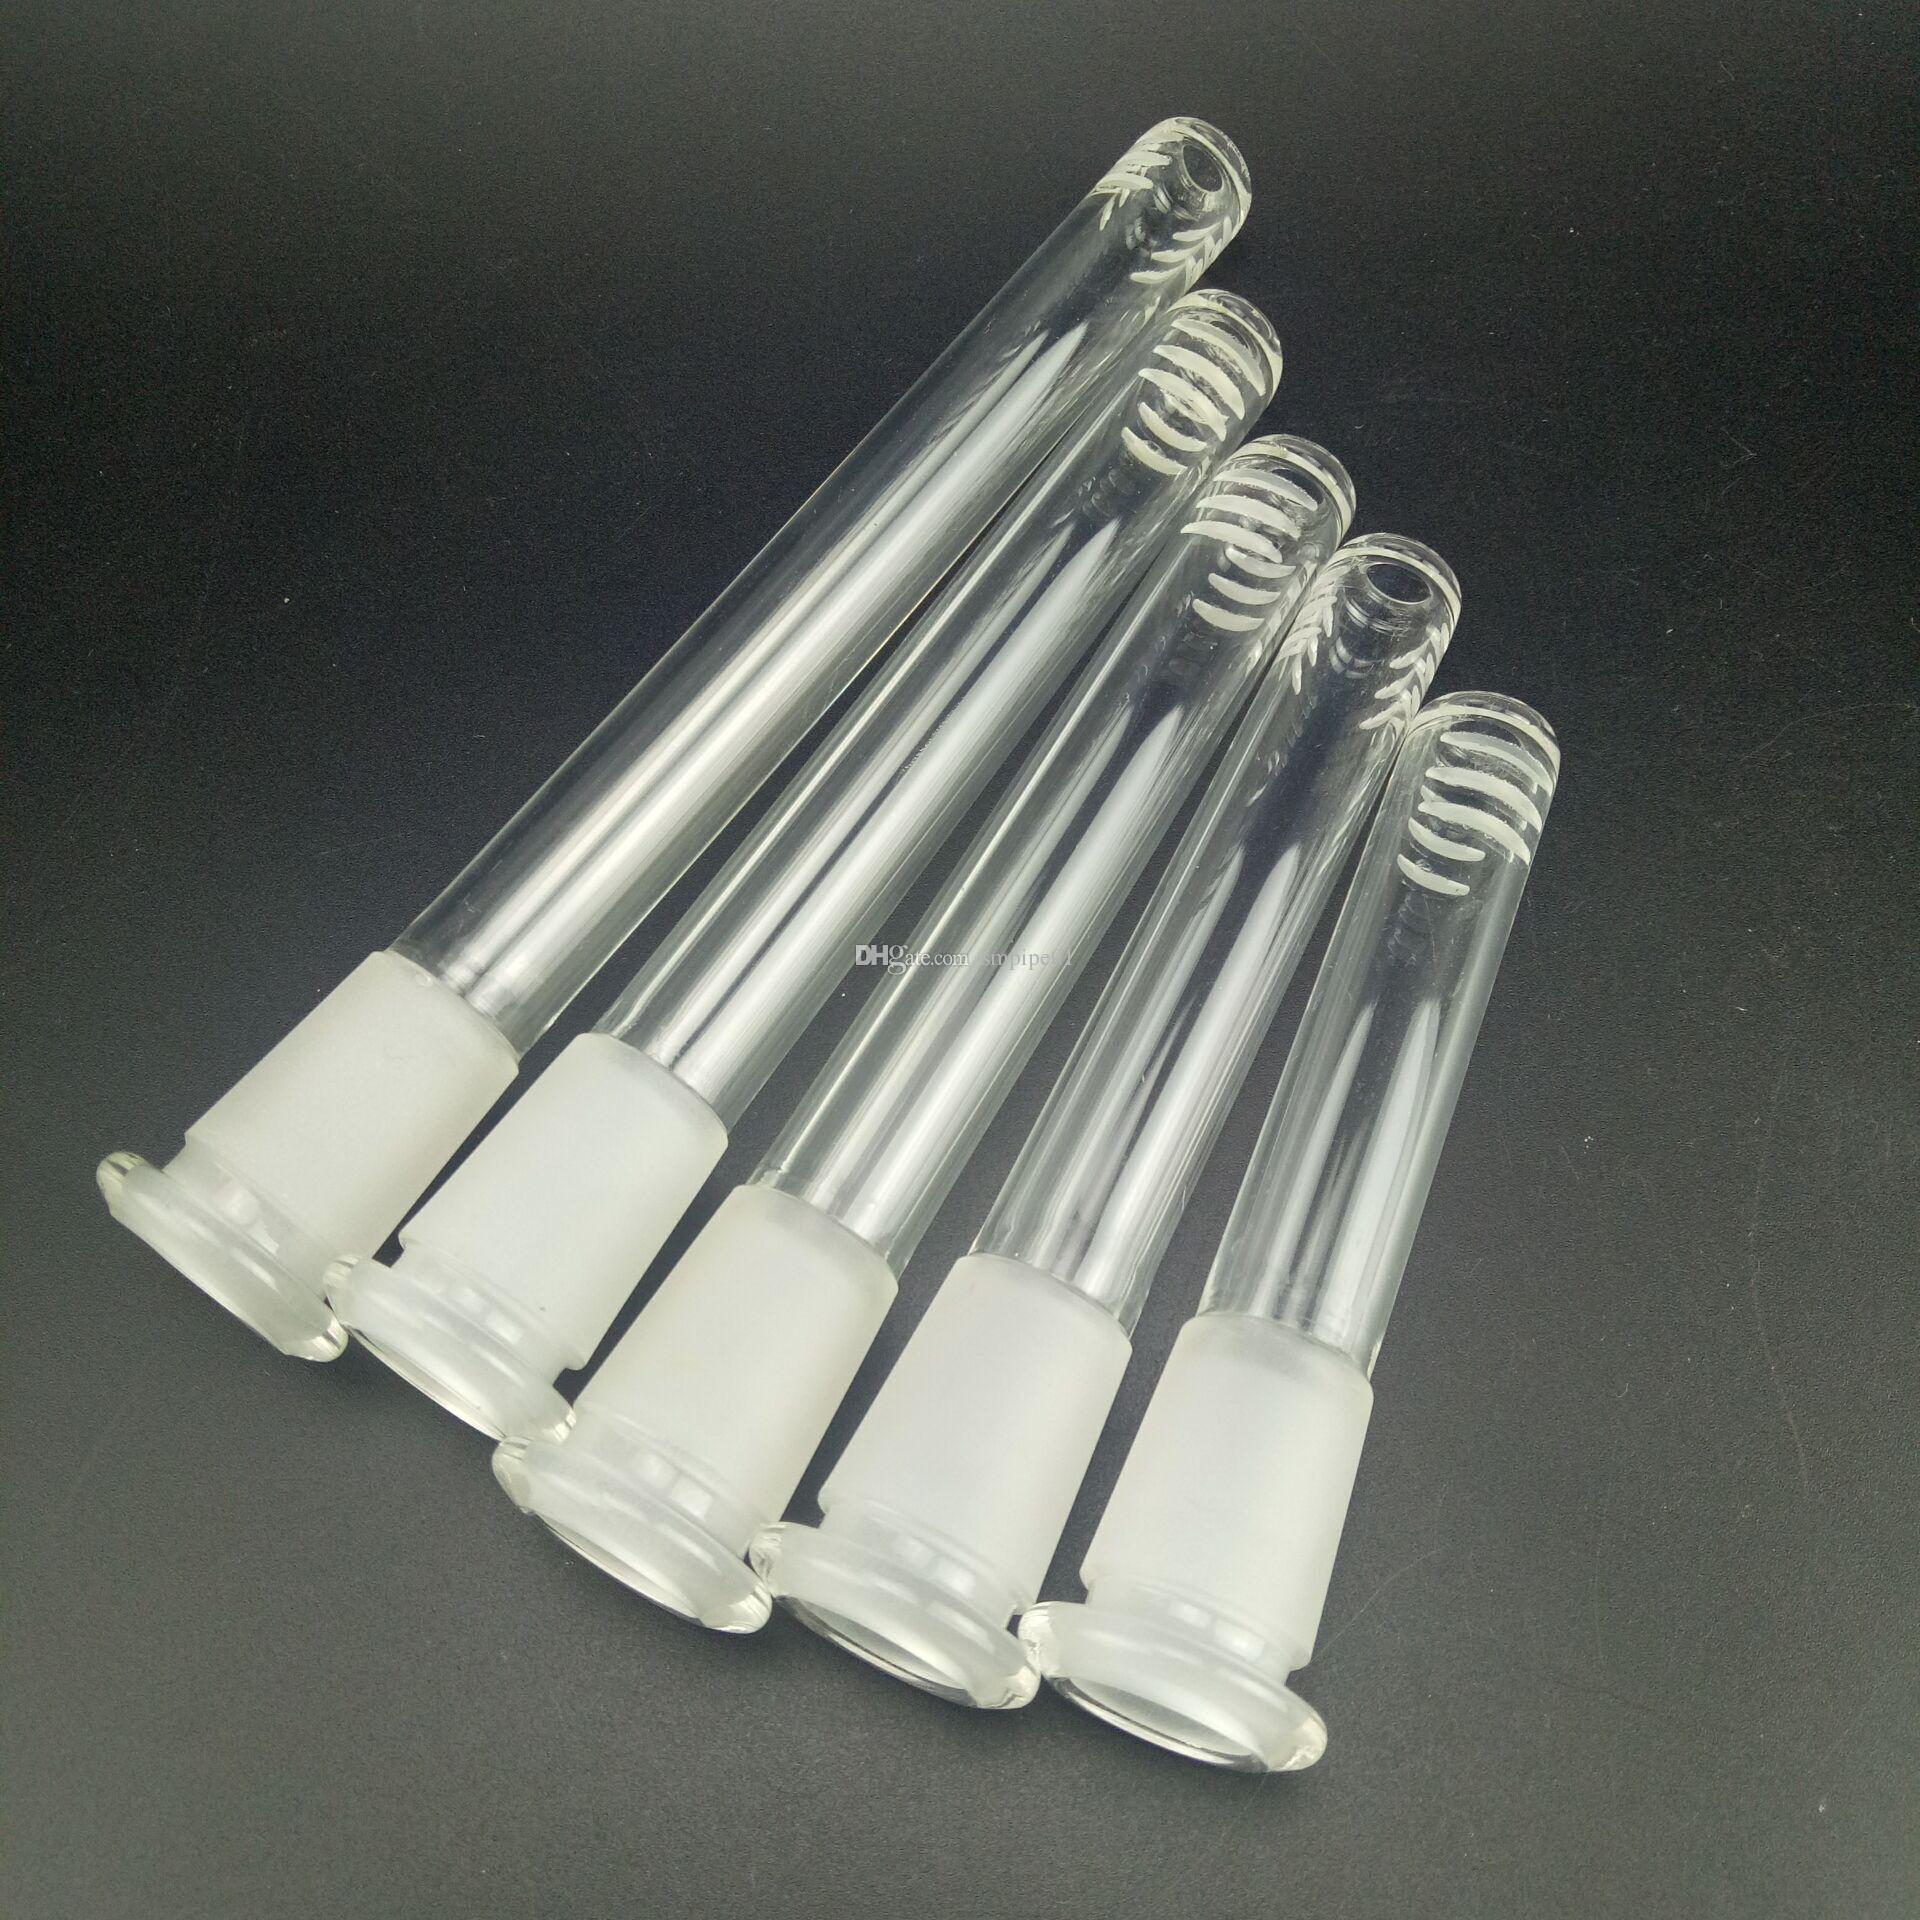 Gli accessori in vetro bong Cinque lunghezze sono opzionali e semplici. Gli accessori del tubo di acqua di vetro sono adatti per l'impianto di perforazione del tubo di vetro del narghilé